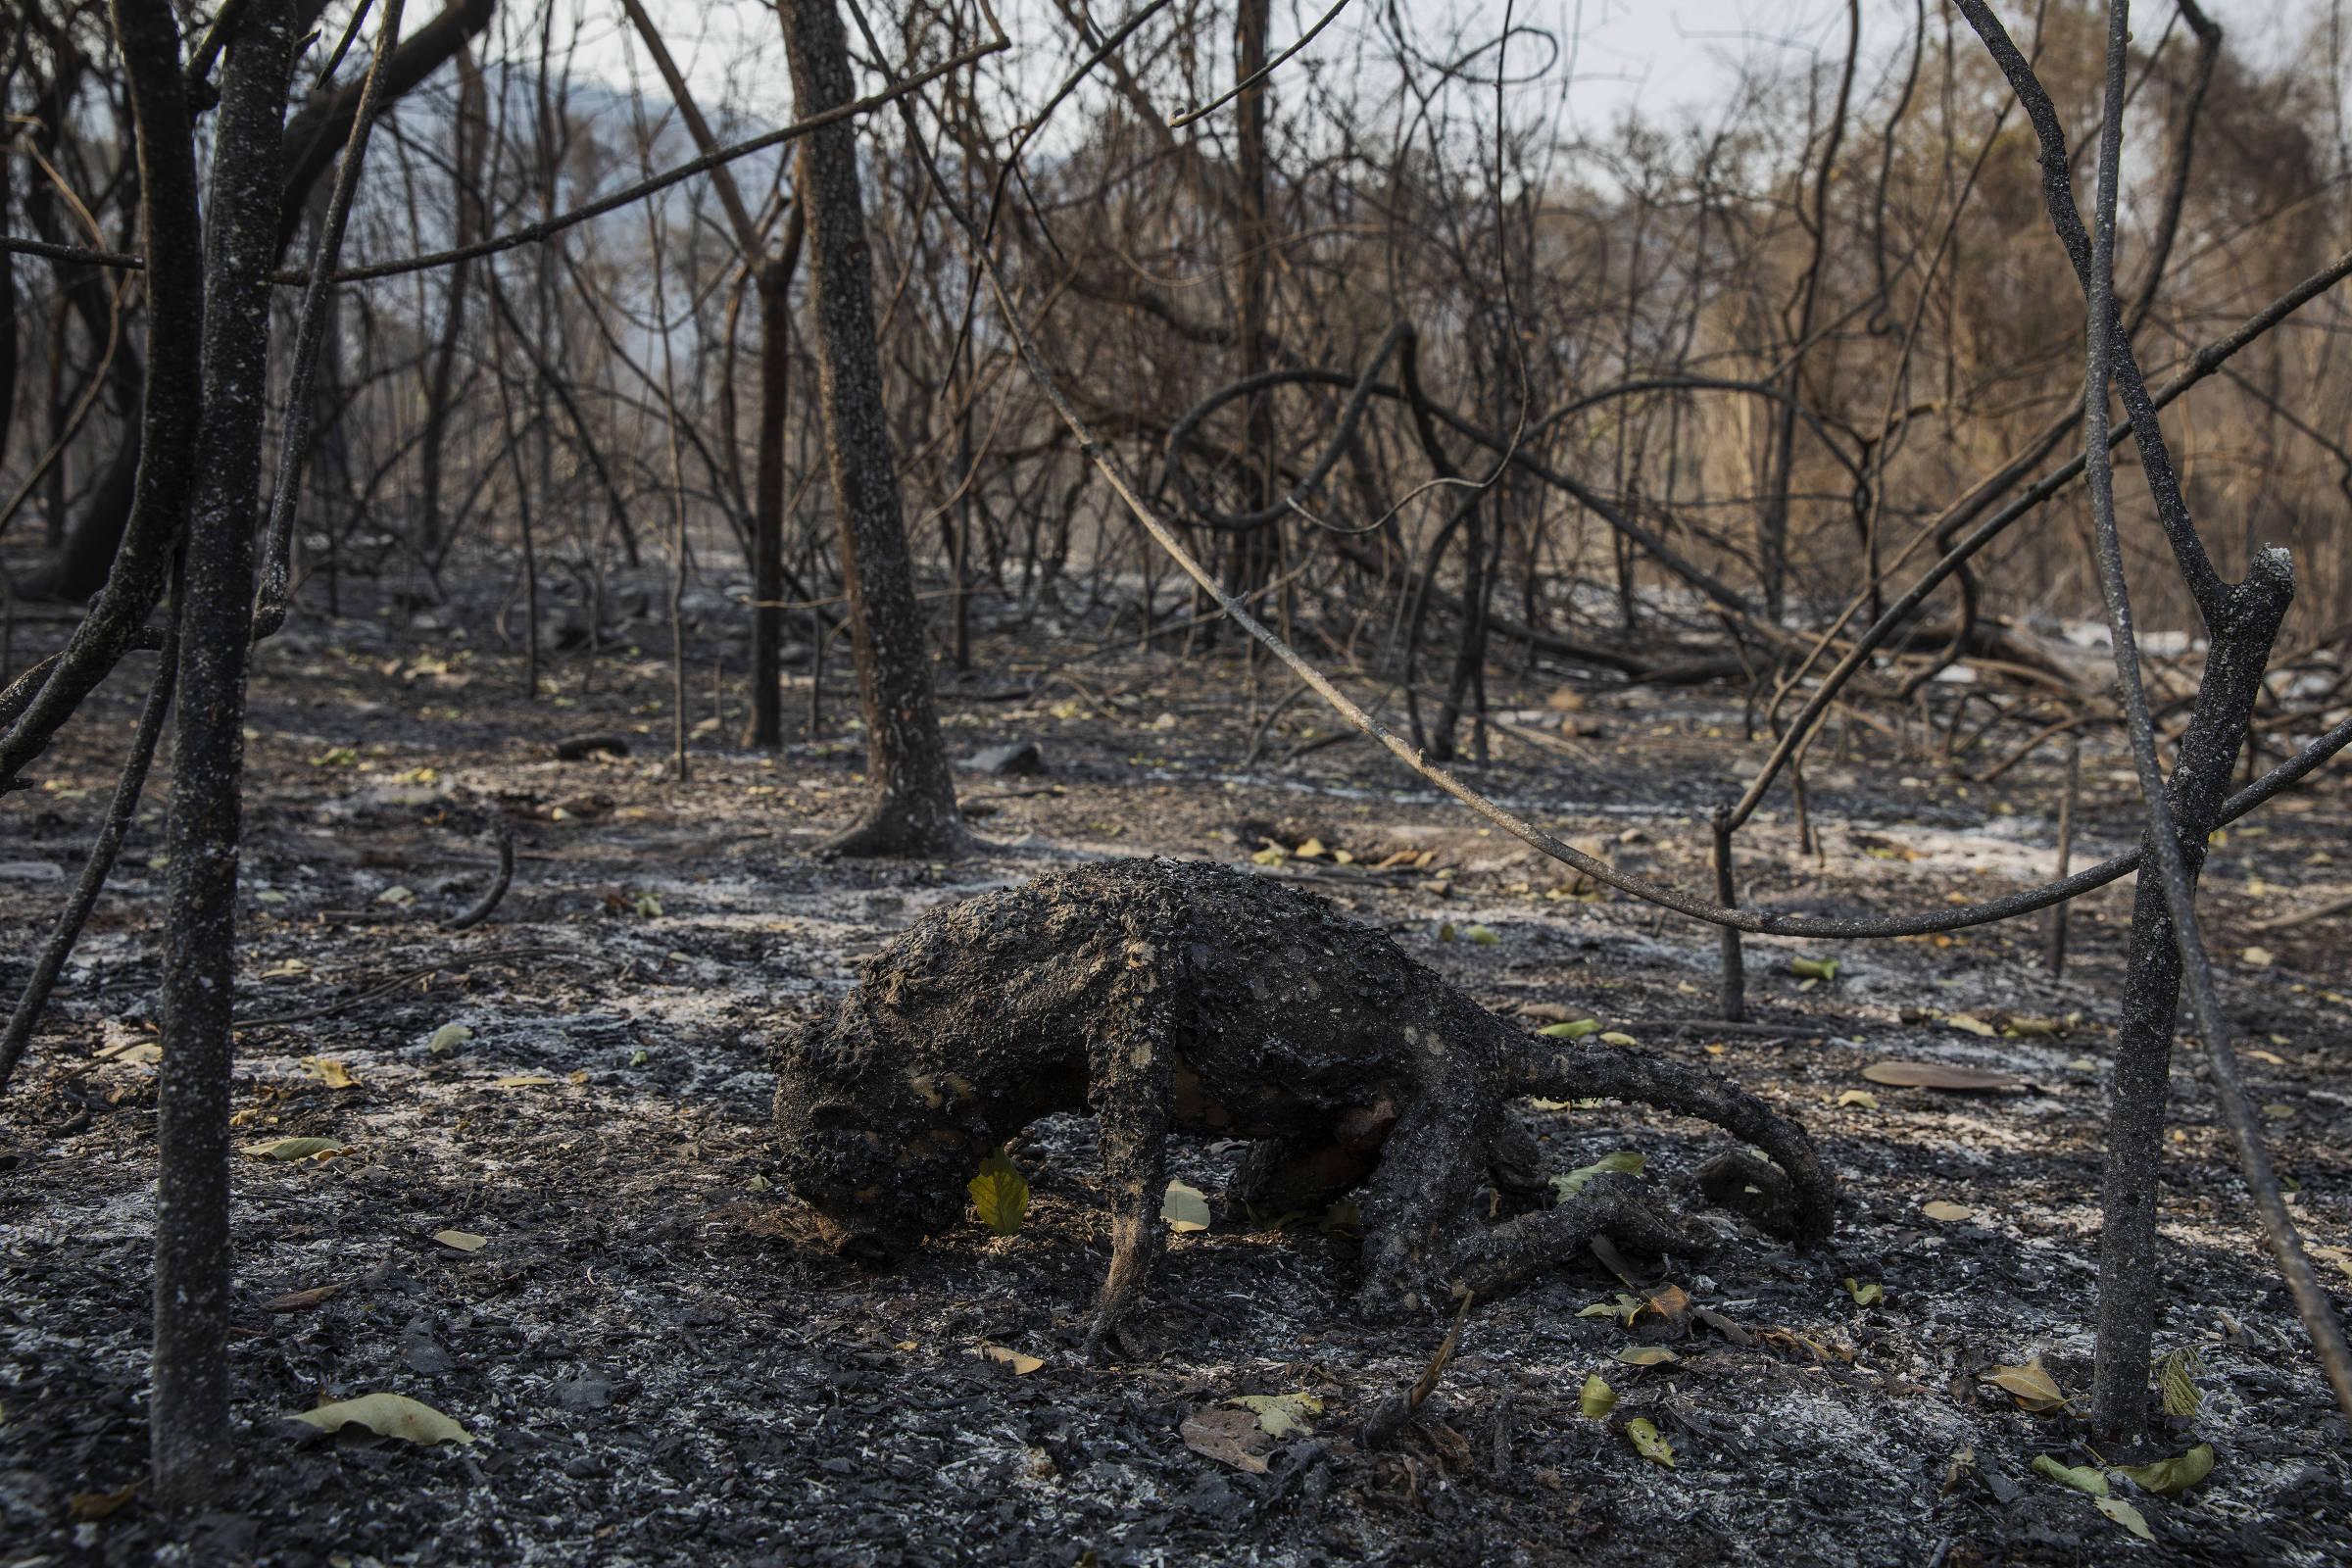 Imagem um macaco carbonizado por um incêndio florestal. Mata ao redor, igualmente carbonizada